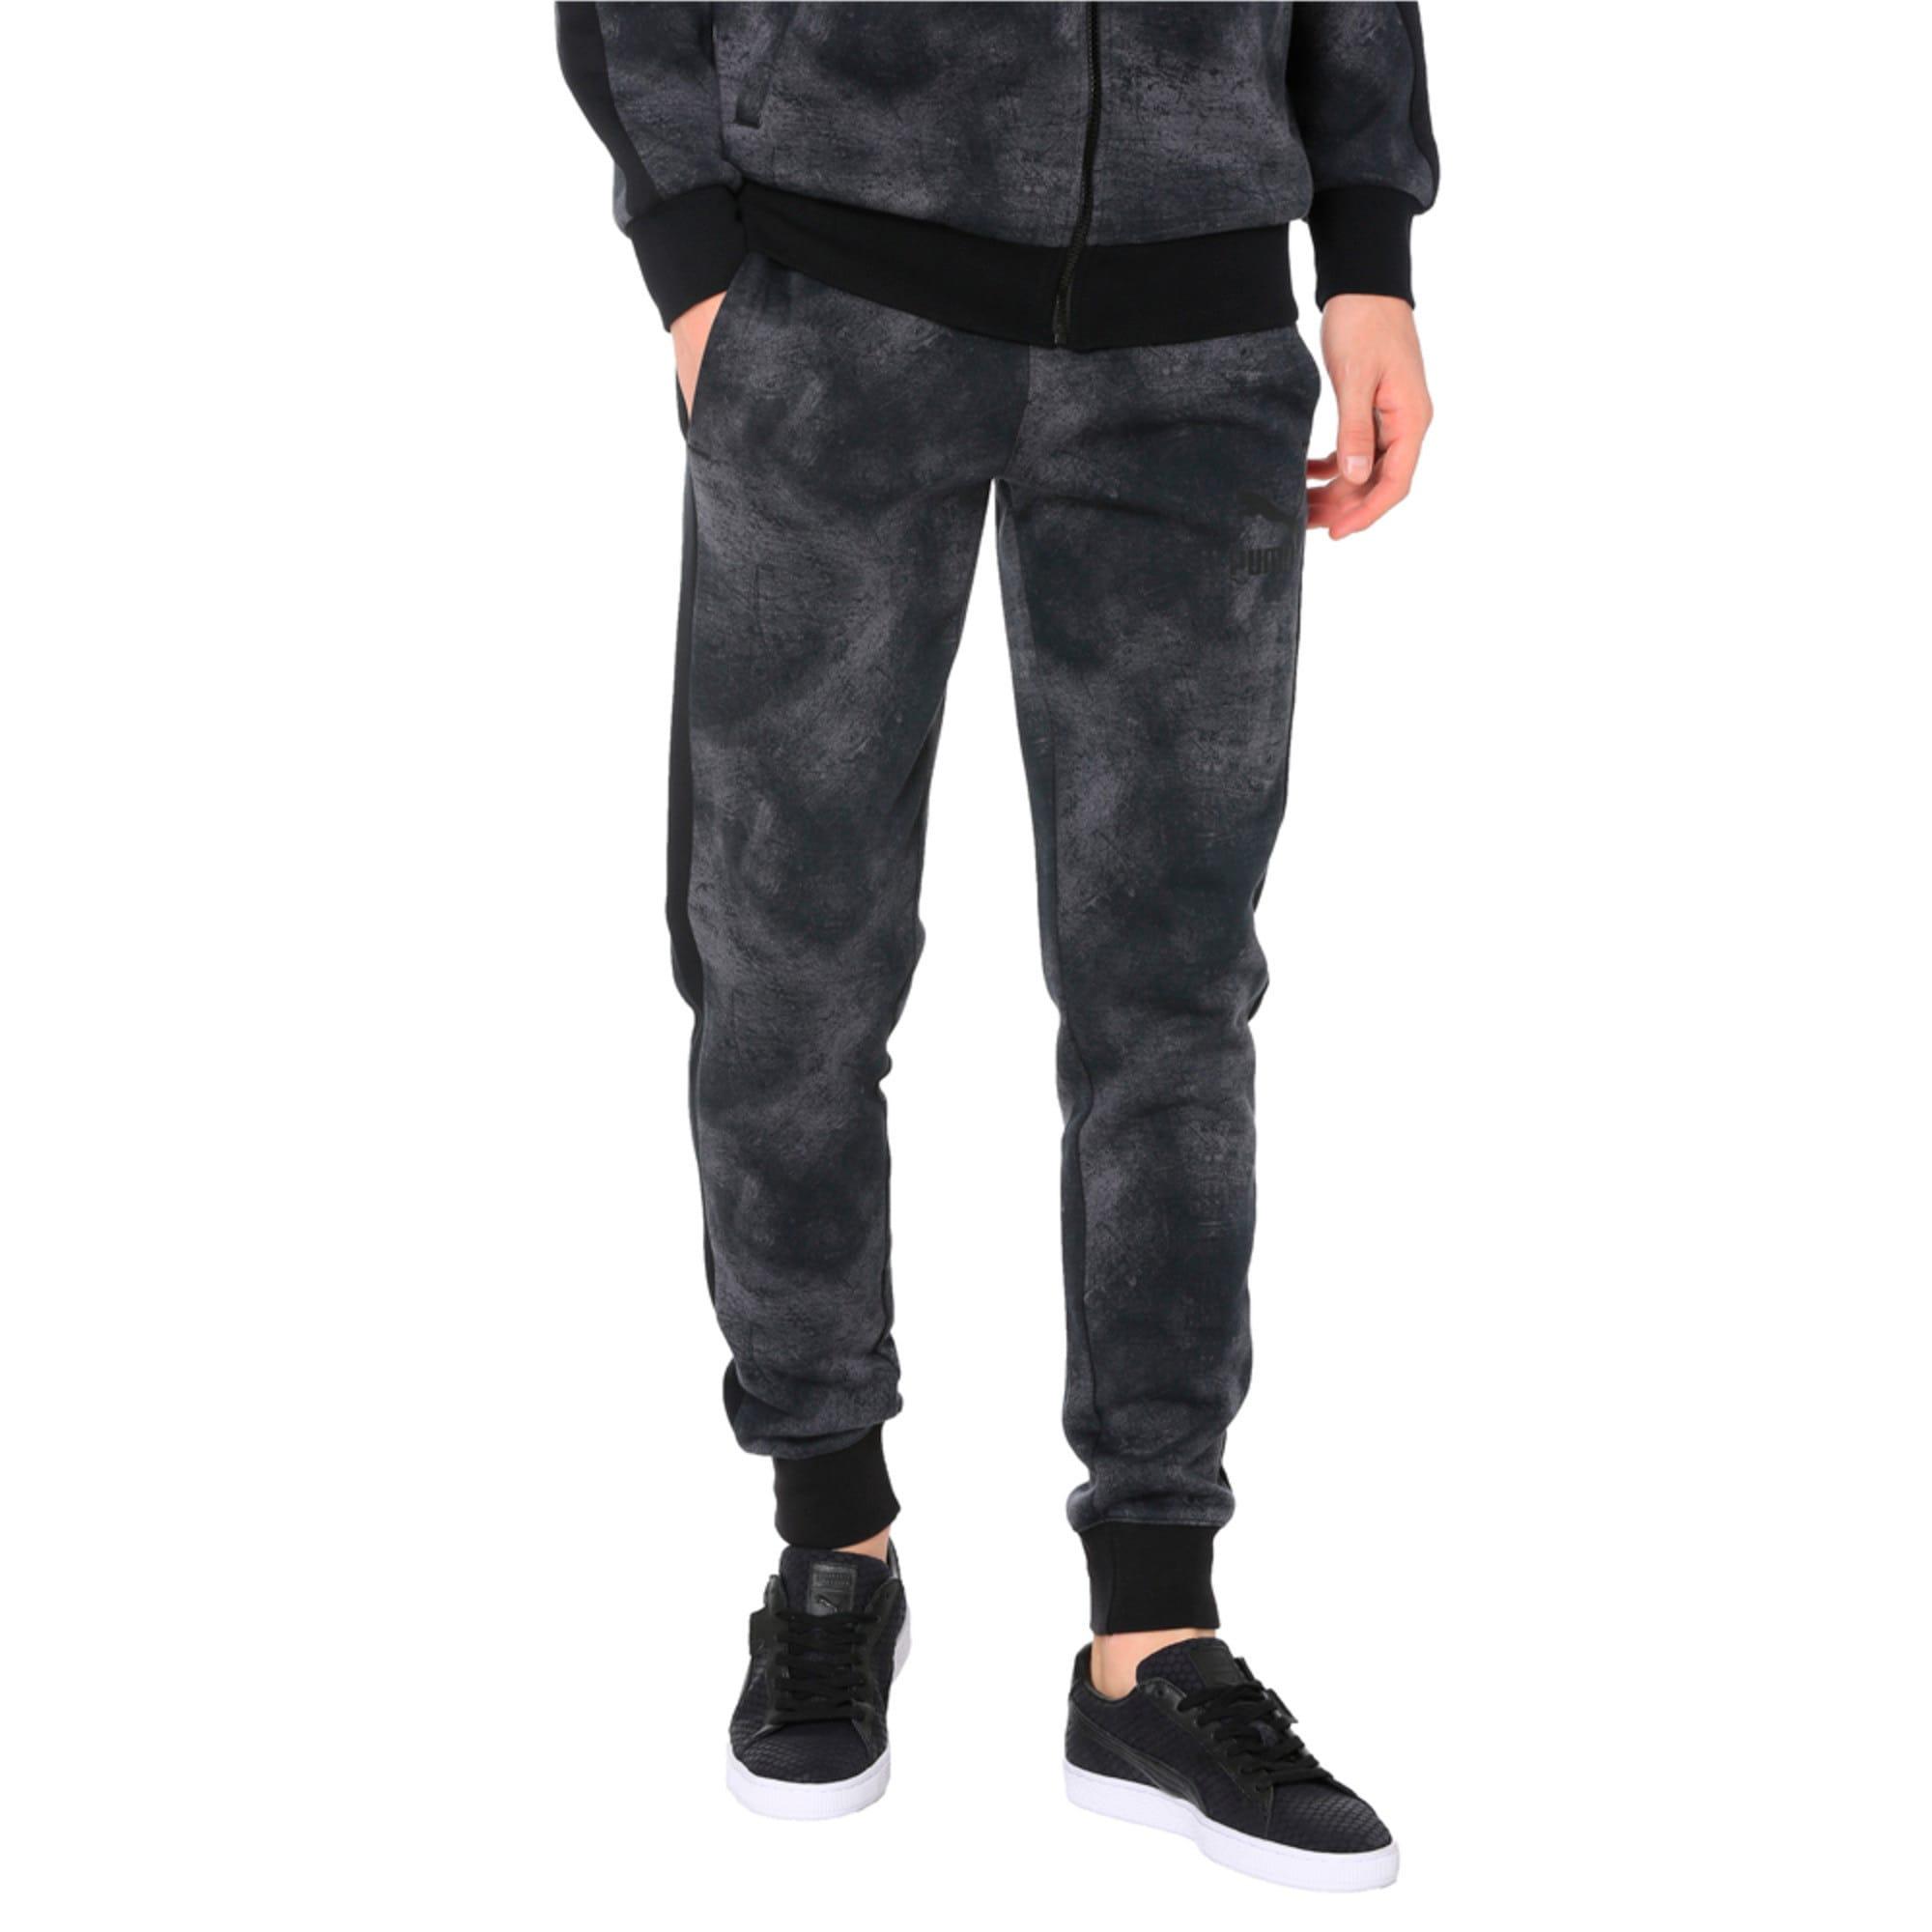 Thumbnail 2 of Classics All-Over Print T7 Men's Pants, Puma Black-3, medium-IND